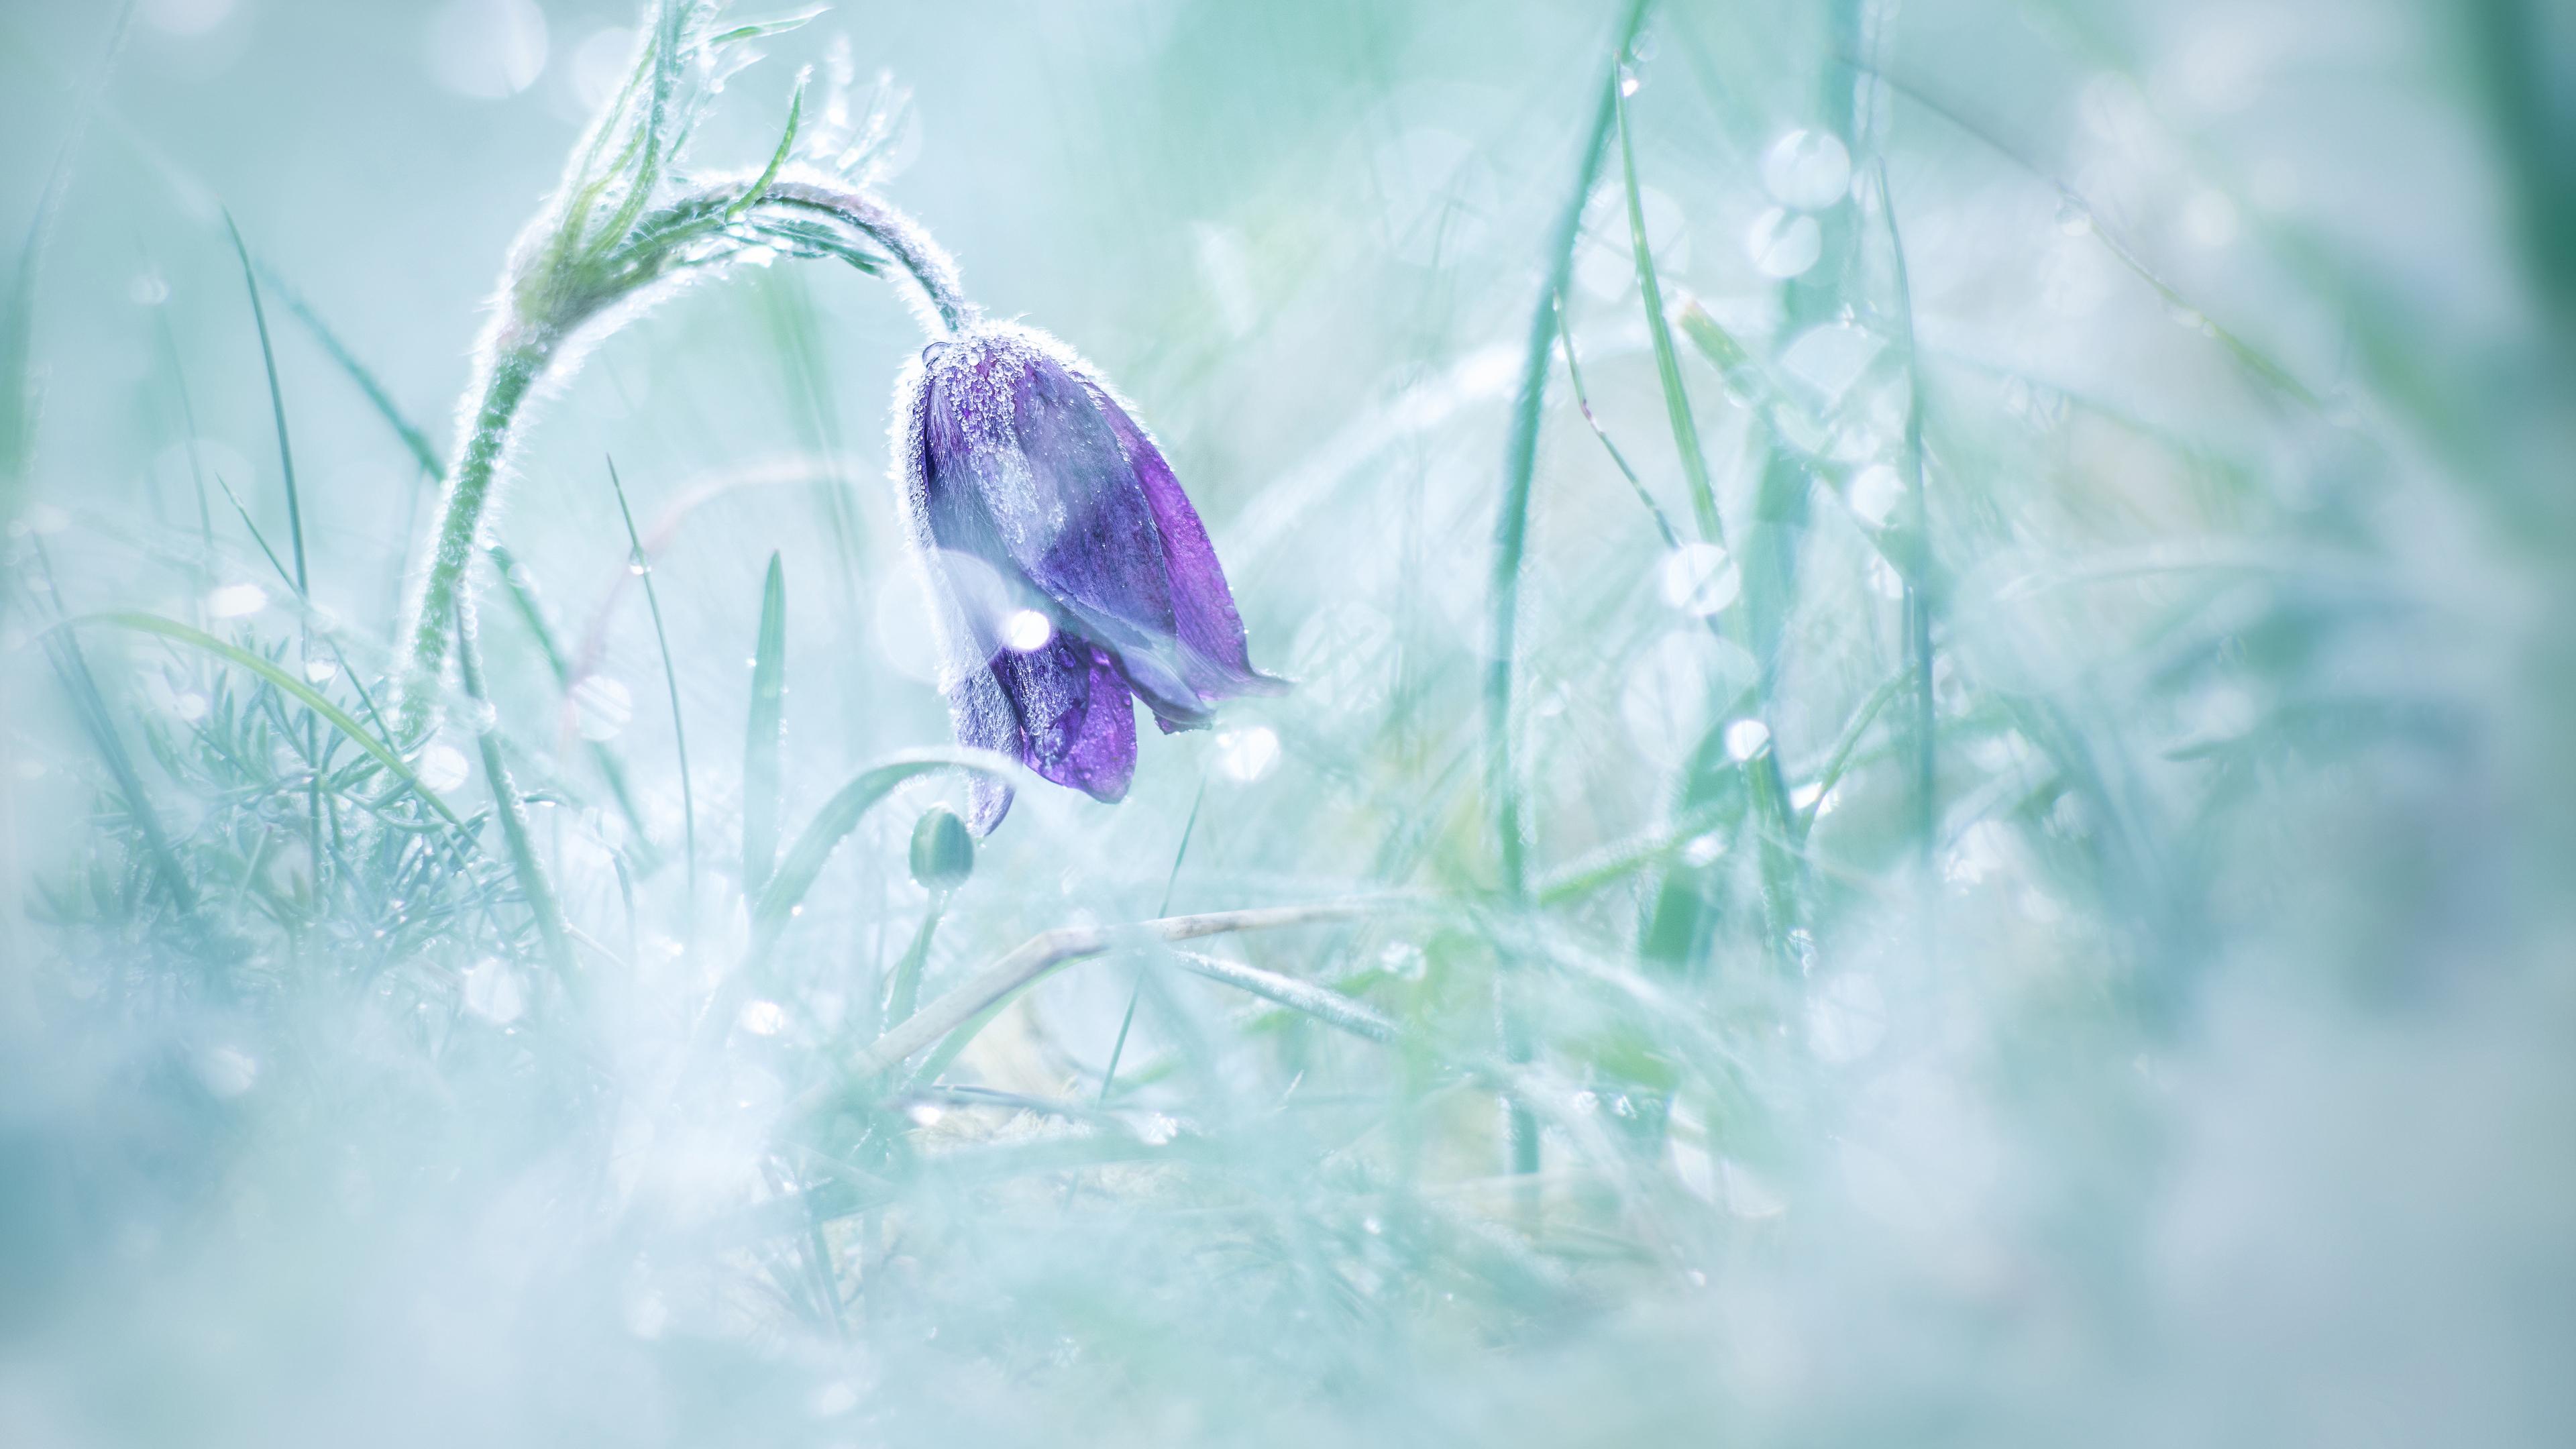 Колокольчик в снегу